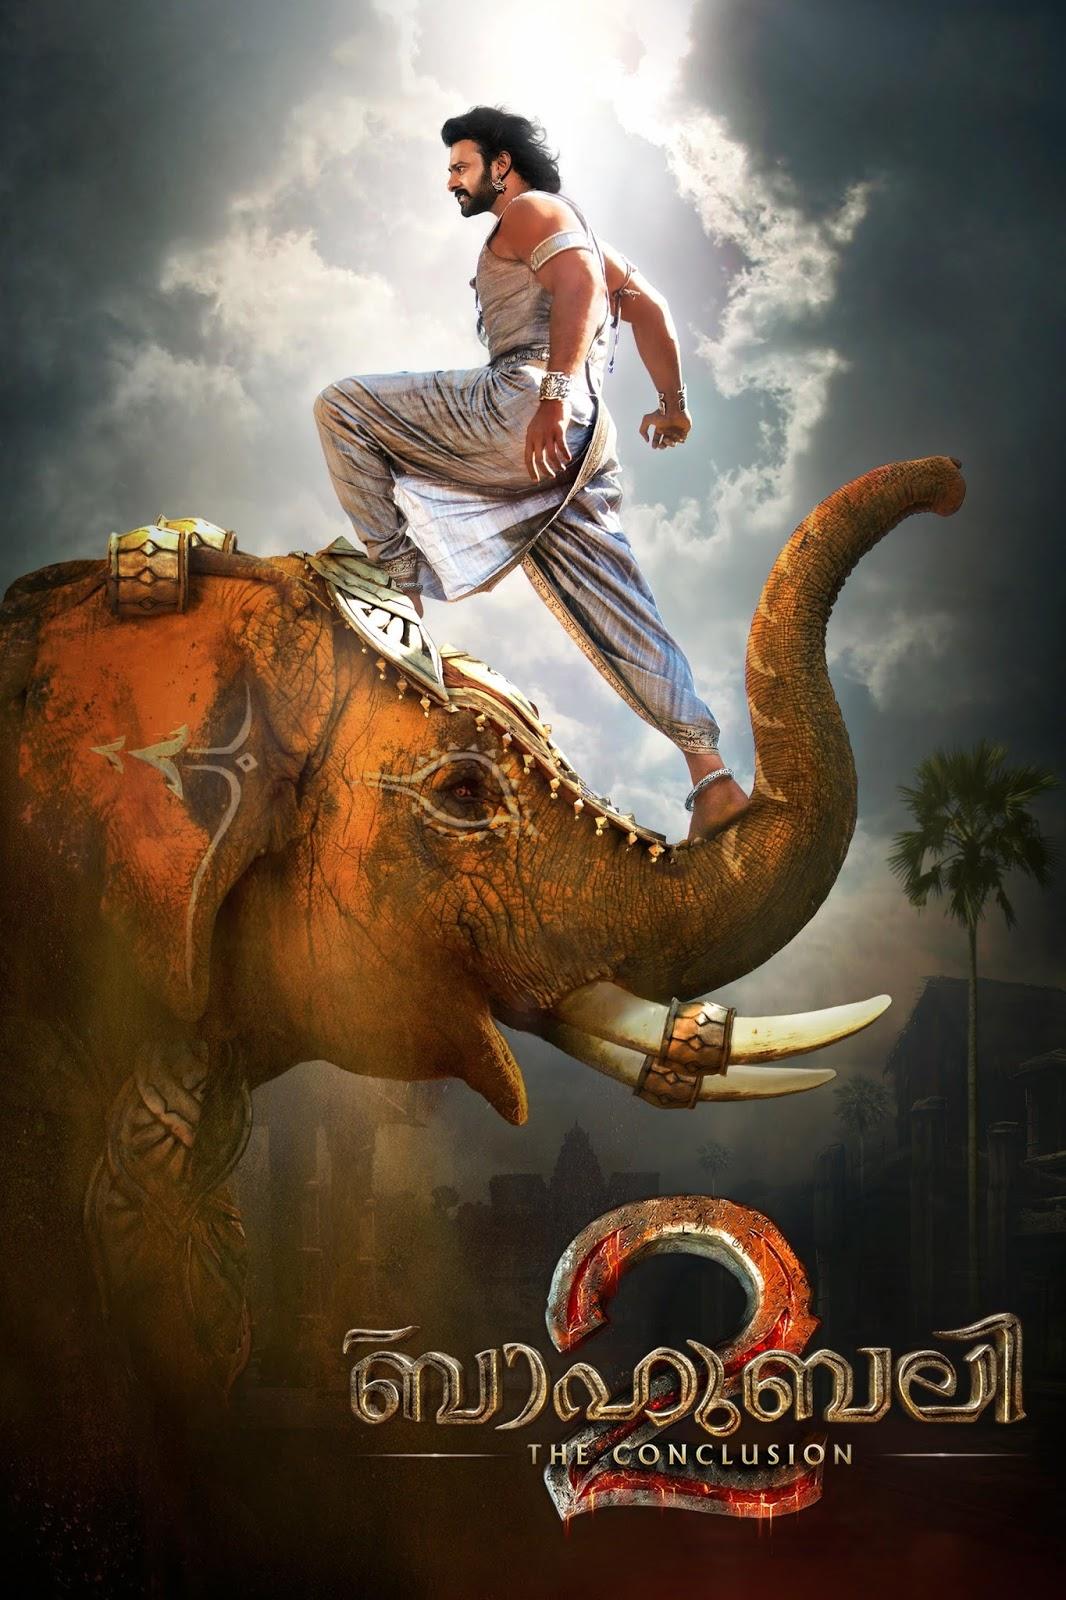 Xem Phim Sử Thi Baahubali 2: Kết Thúc 2017